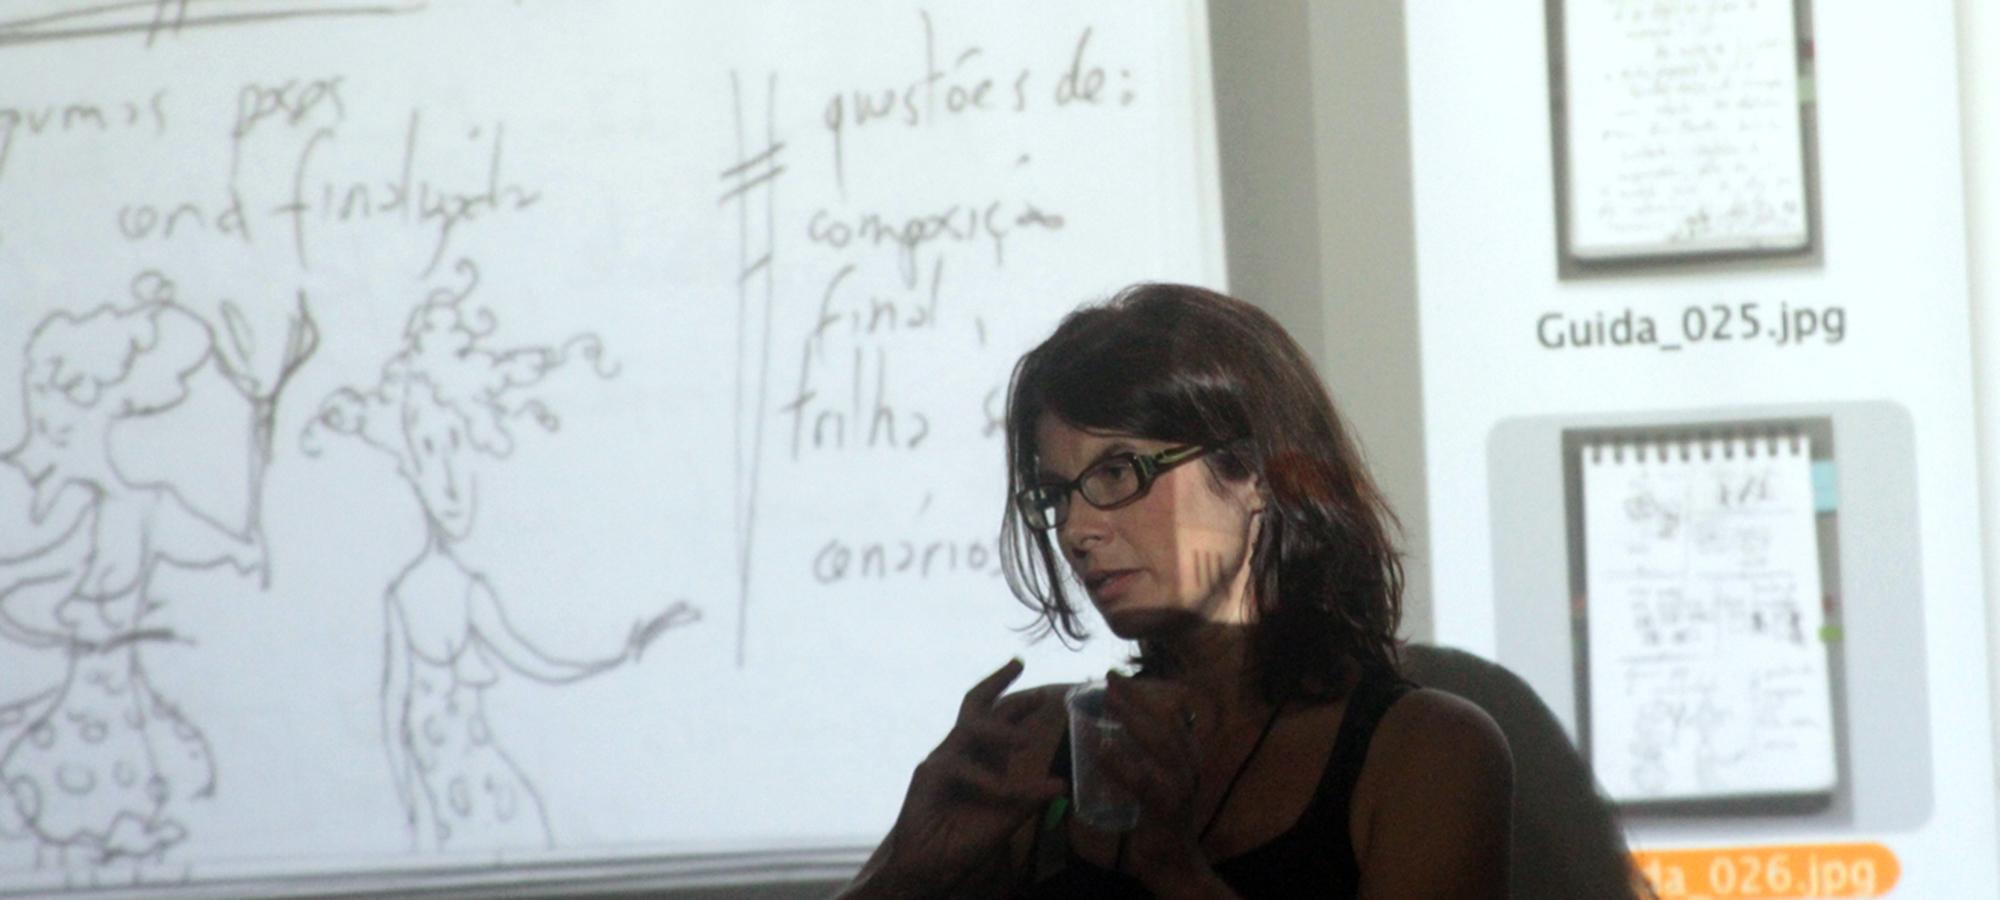 Rosana Urbes e o processo de produção de Guida